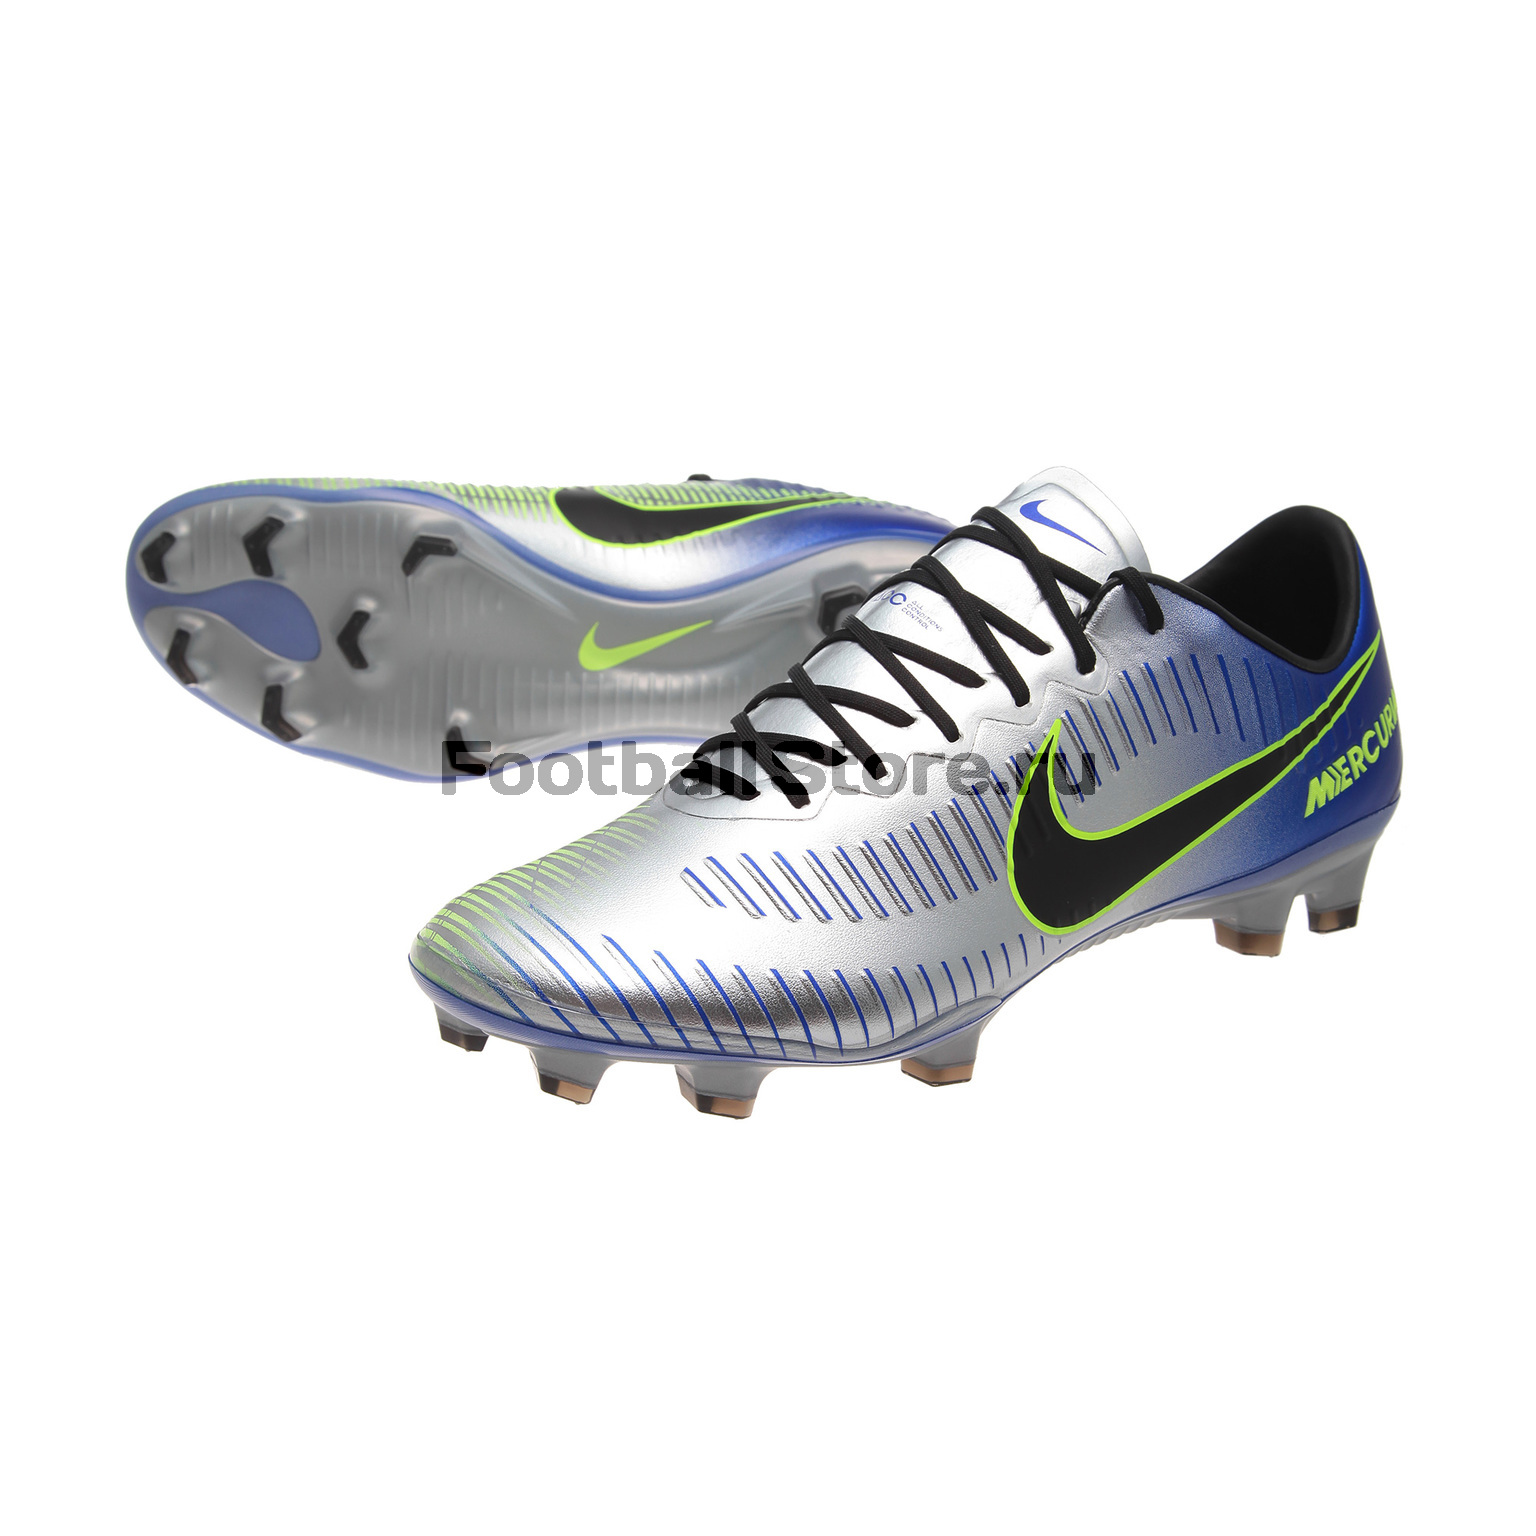 Игровые бутсы Nike Бутсы Nike Mercurial Vapor XI Neymar FG 921547-407 игровые бутсы nike бутсы nike mercurial vapor xi sg pro 889287 002